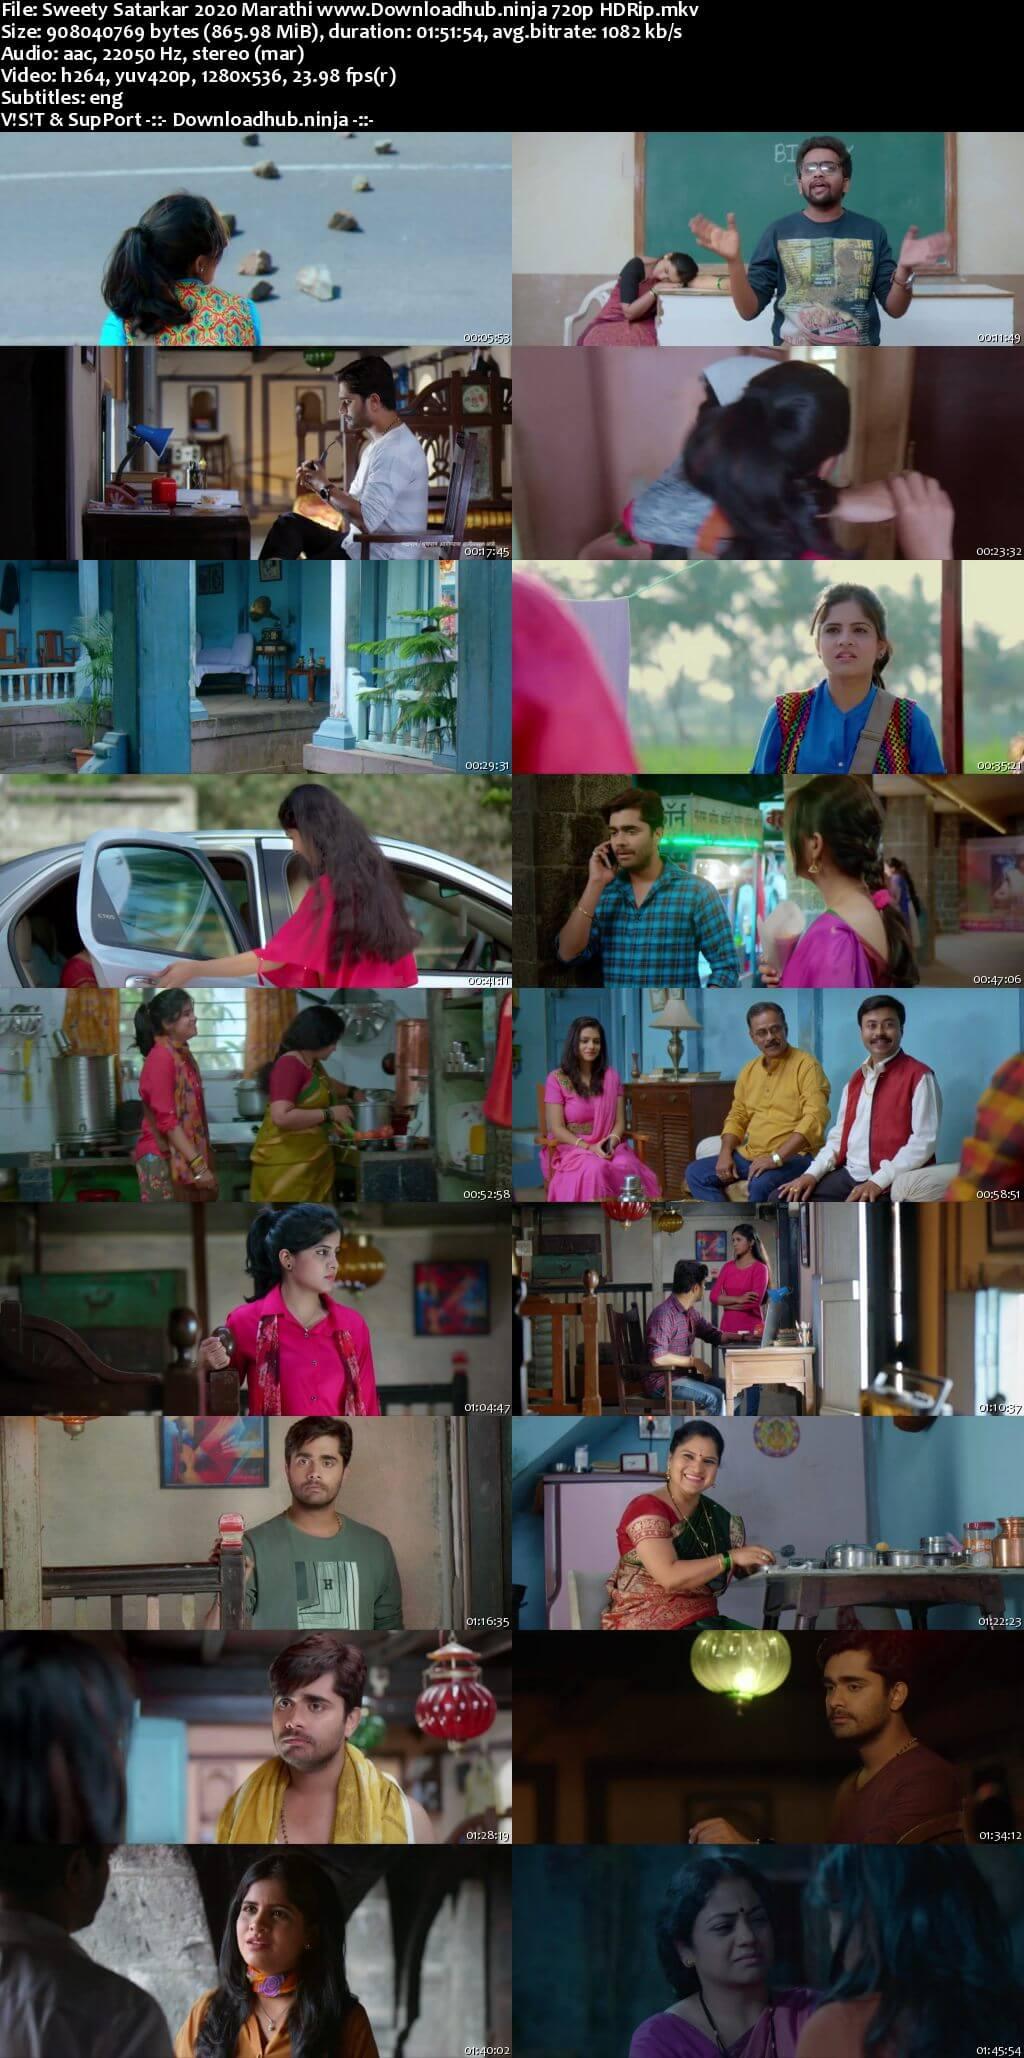 Sweety Satarkar 2020 Marathi 720p HDRip ESubs